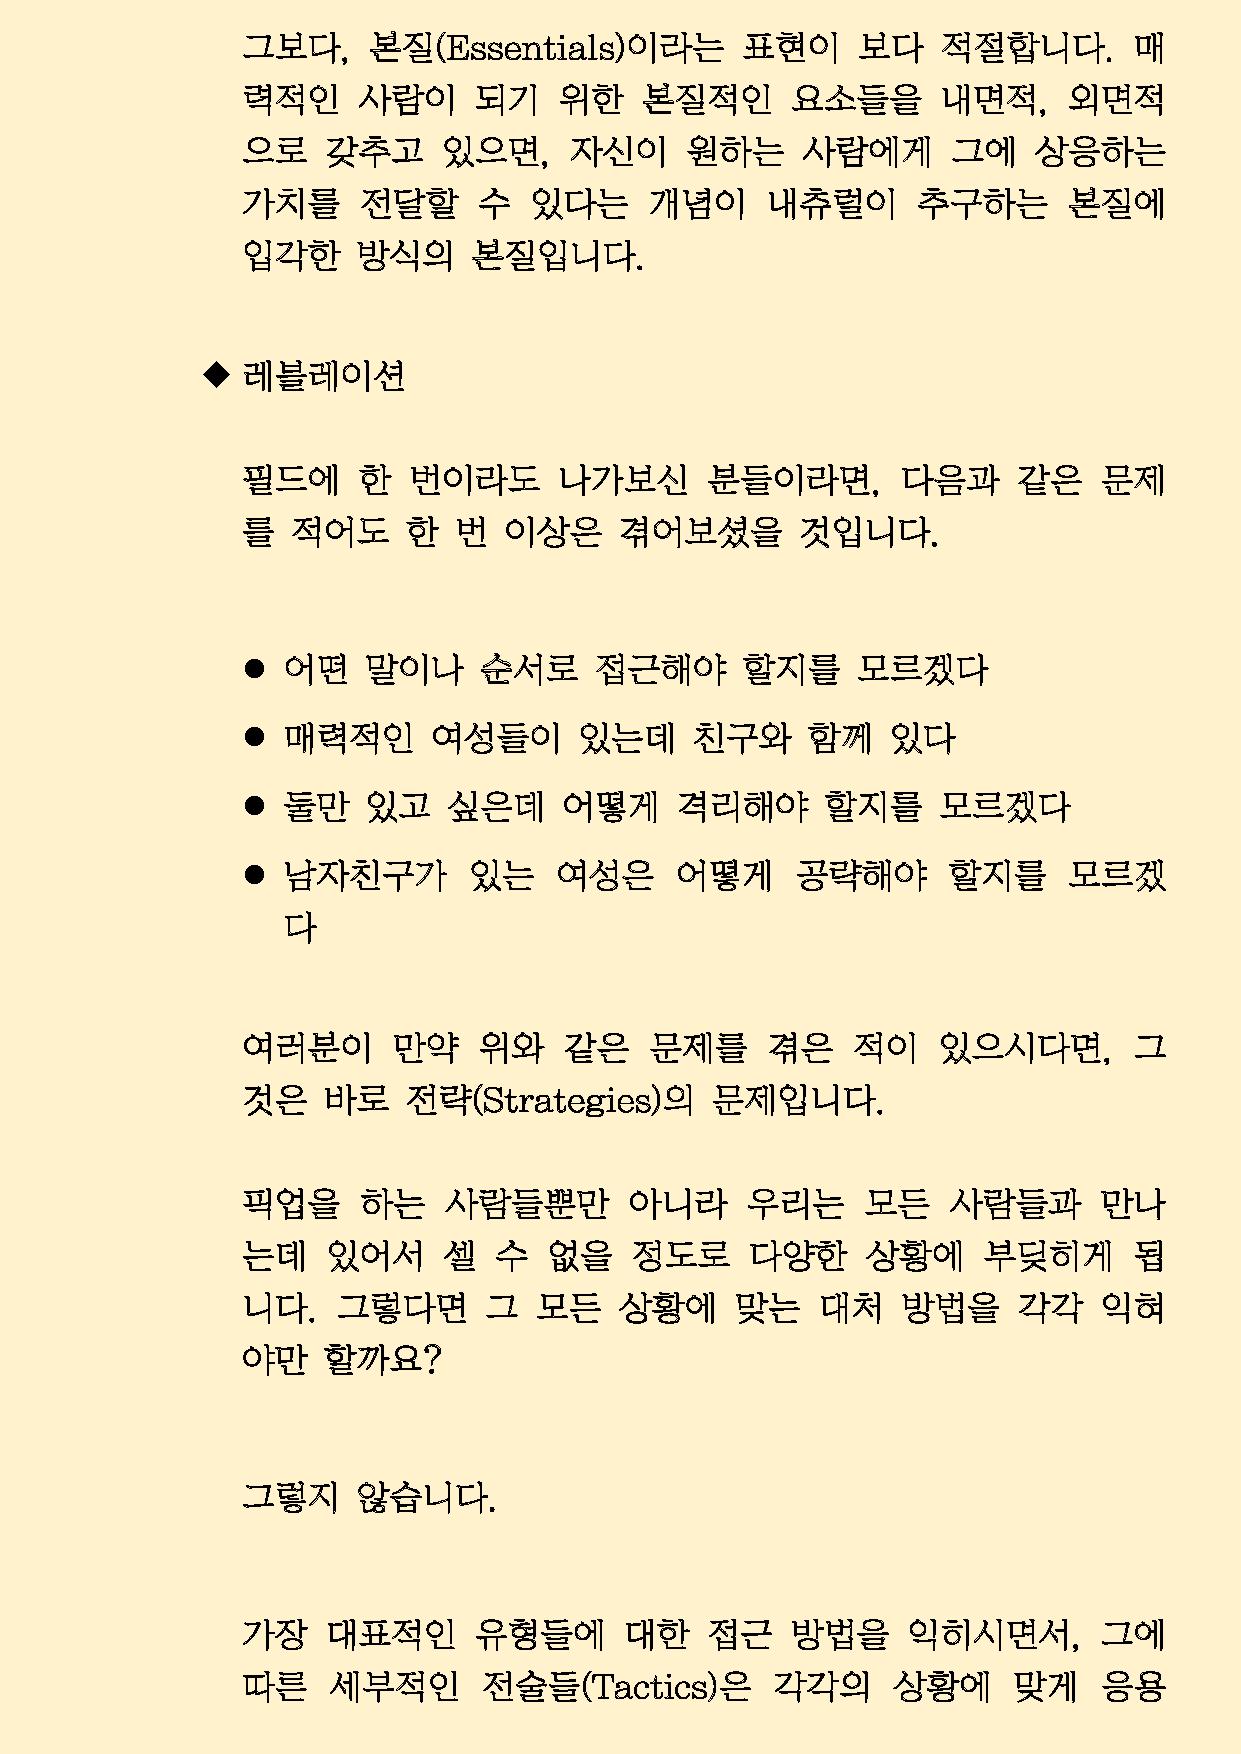 이용매뉴얼_Page_14.png